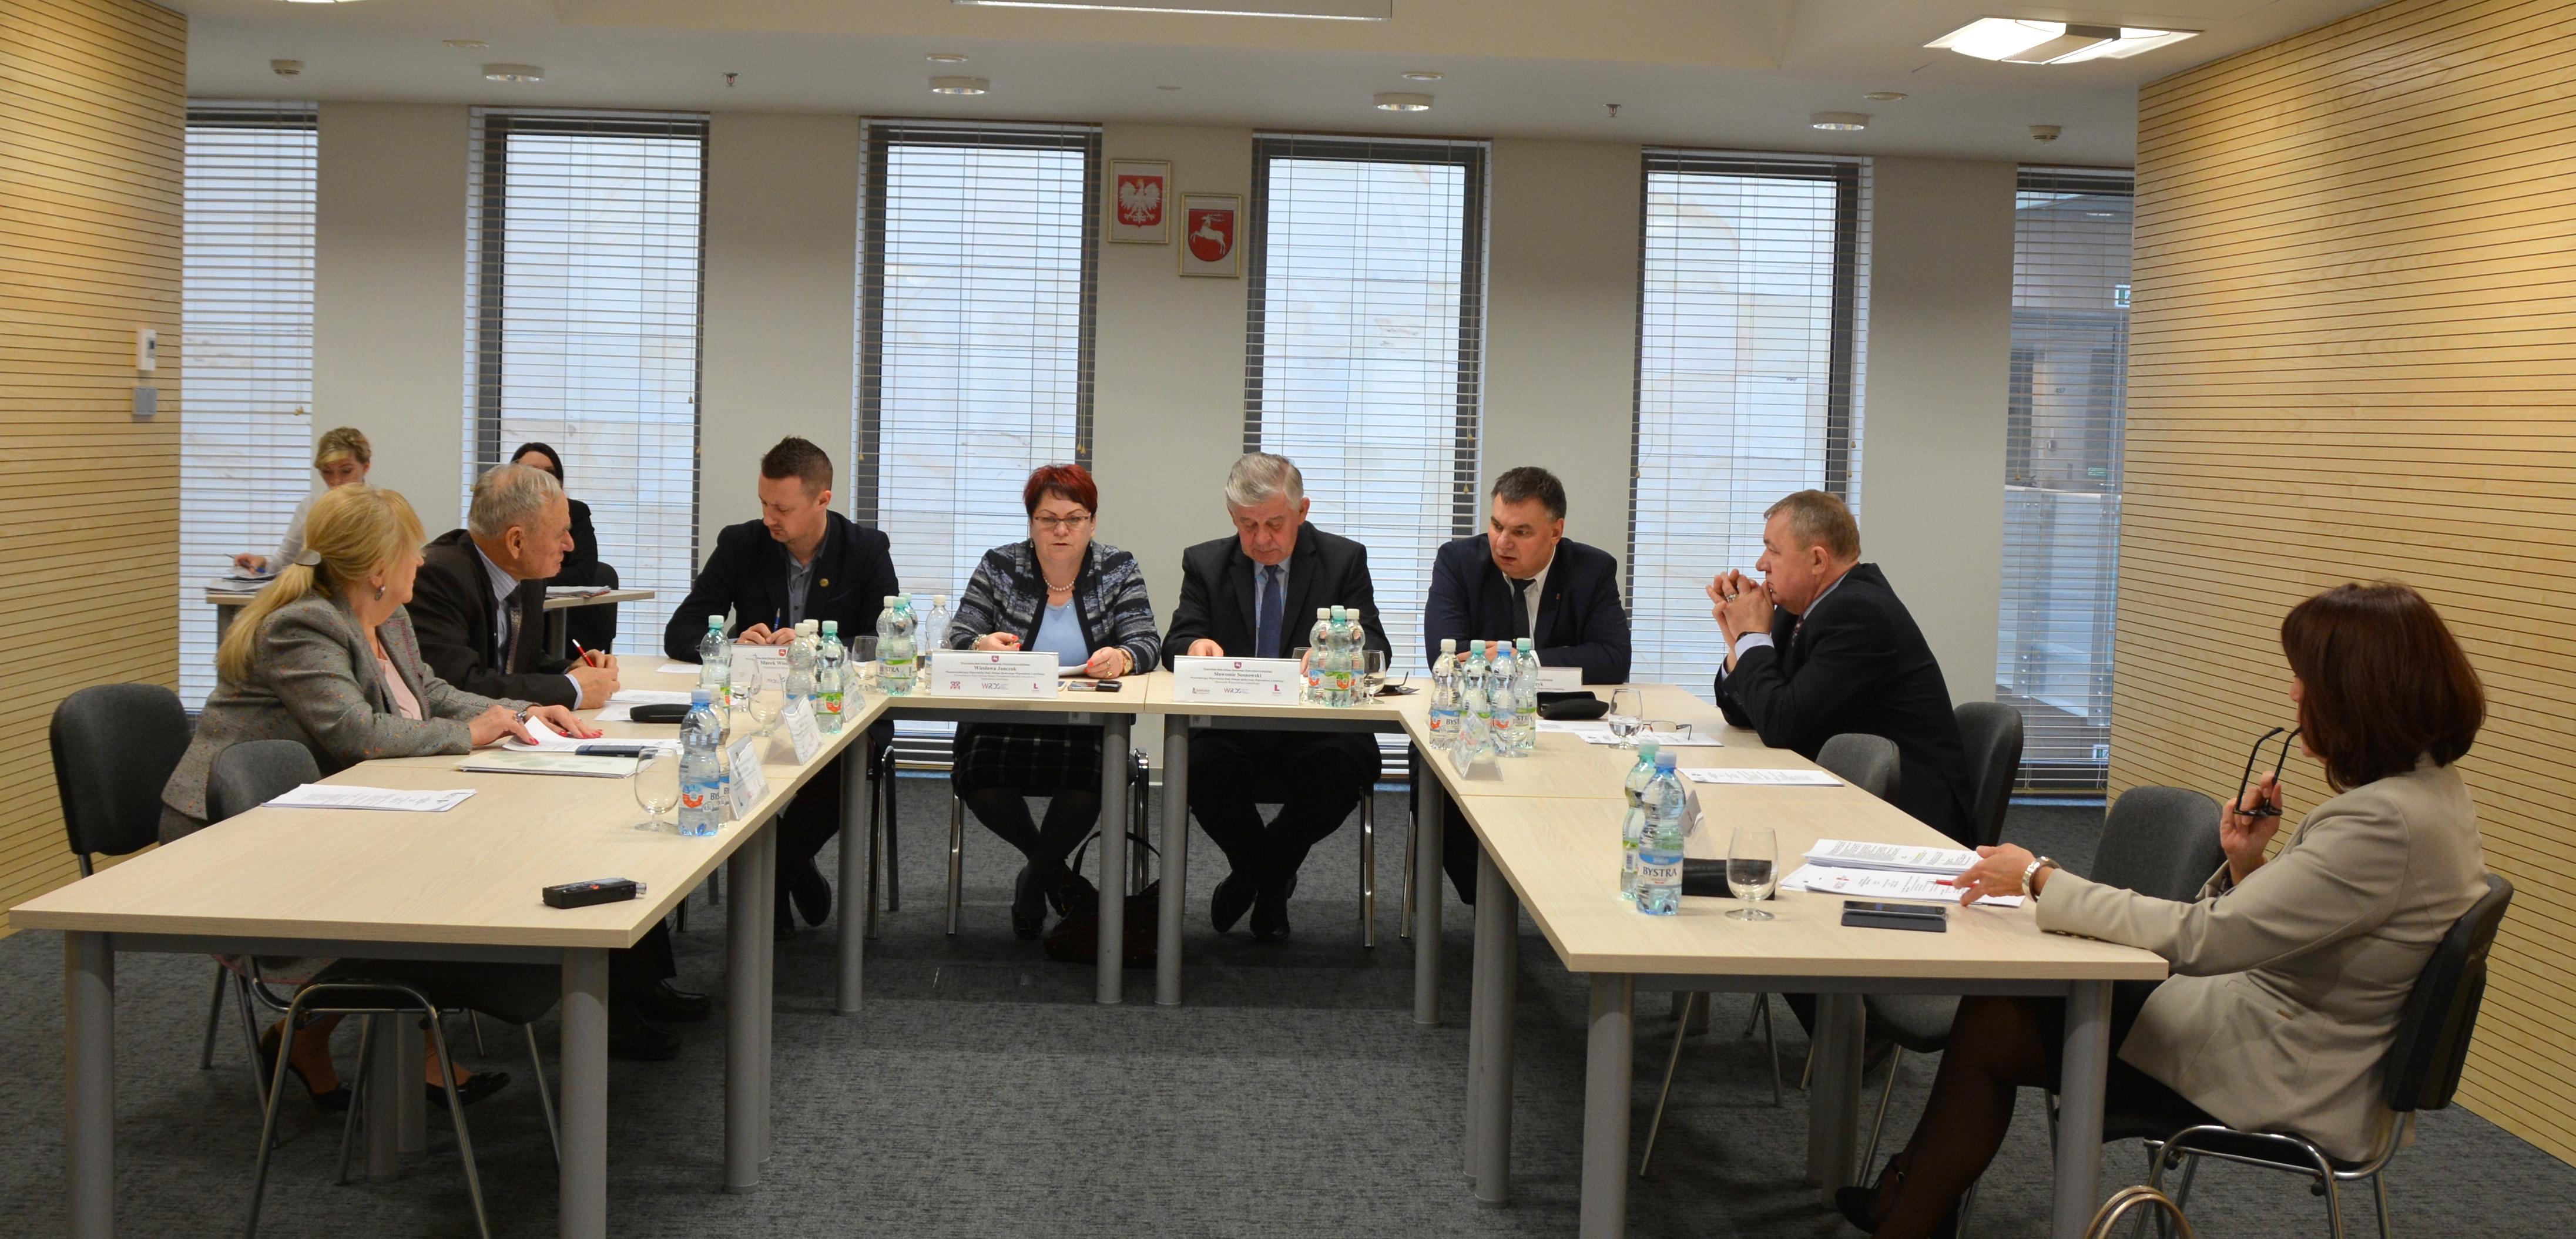 Obradowało Prezydium WRDS Województwa Lubelskiego